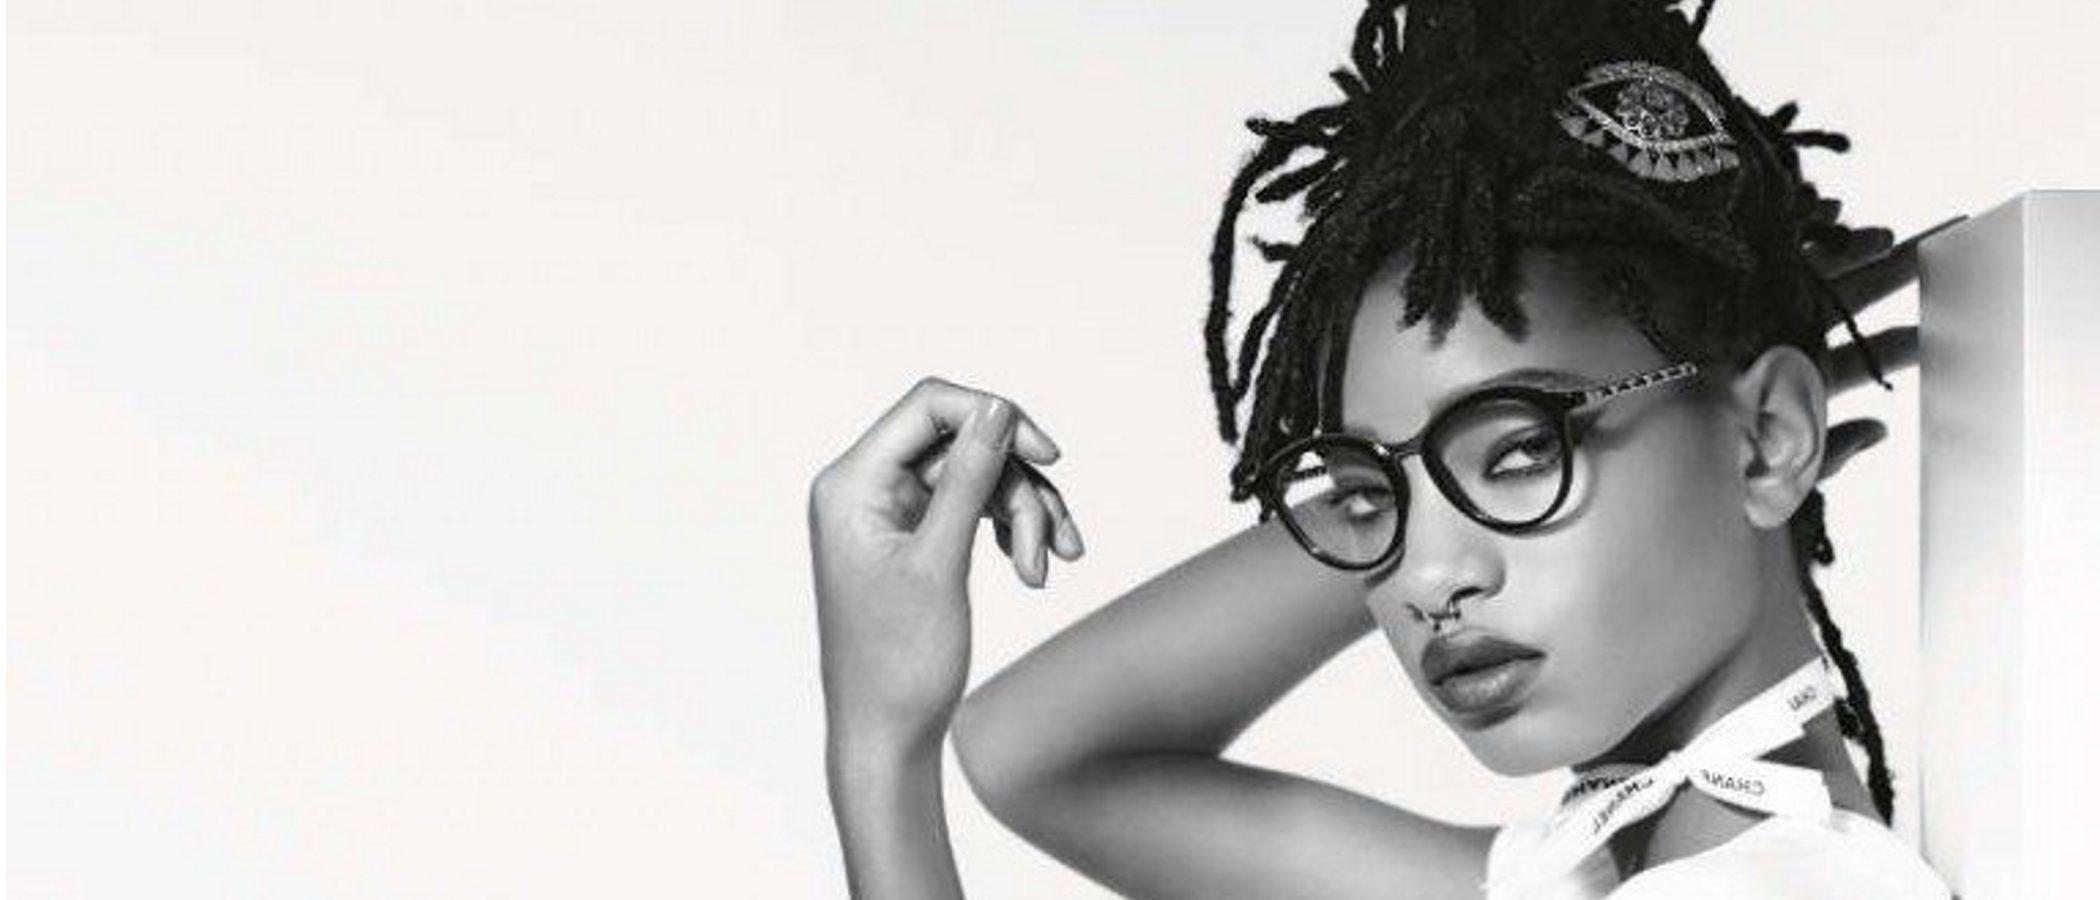 Willow Smith evoca el espíritu chic urbanita para la colección de otoño/invierno de gafas de sol de Chanel